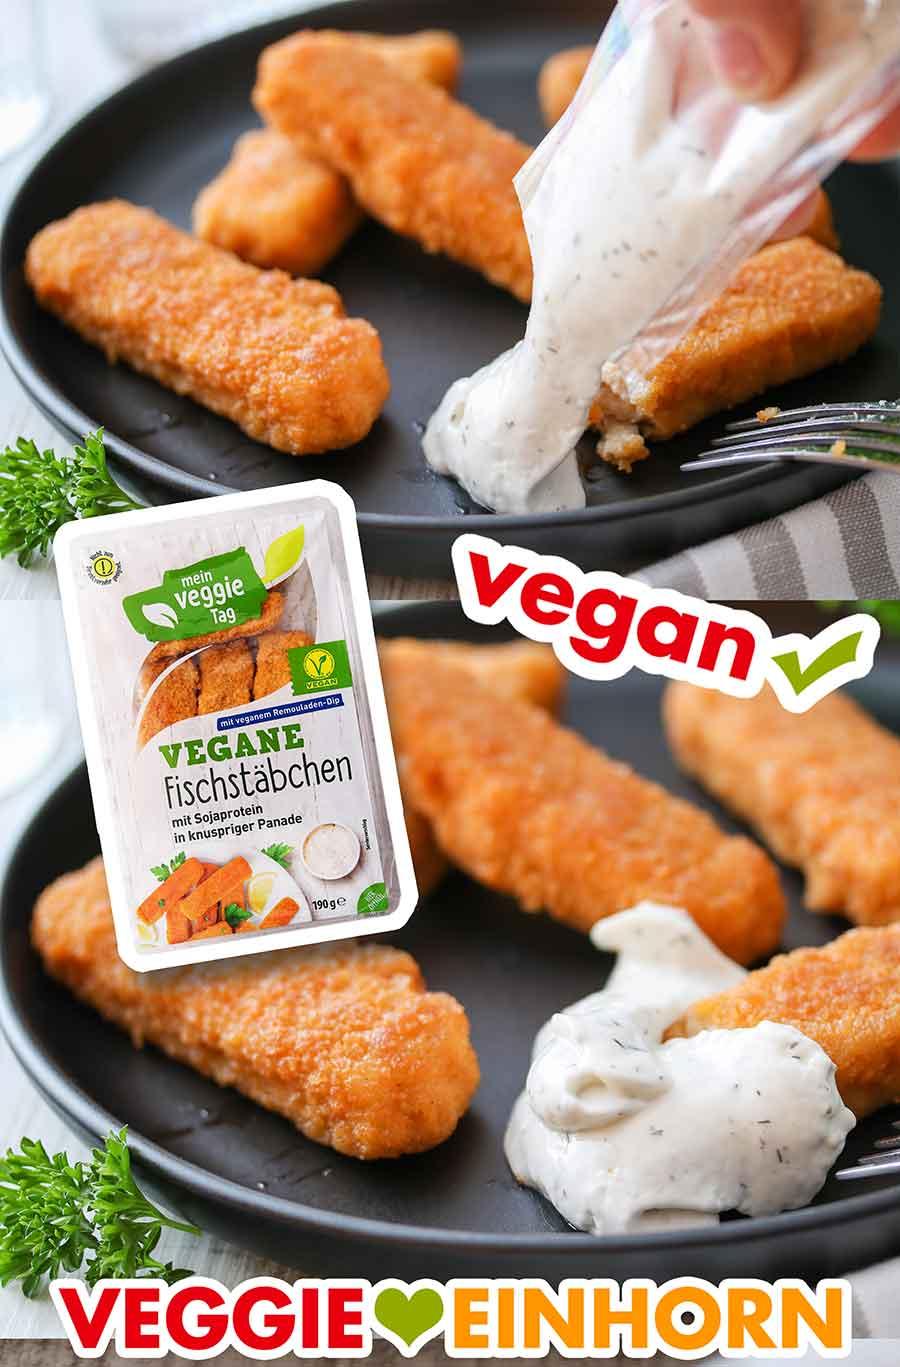 Vegane Fischstäbchen von Aldi mit veganer Remoulade